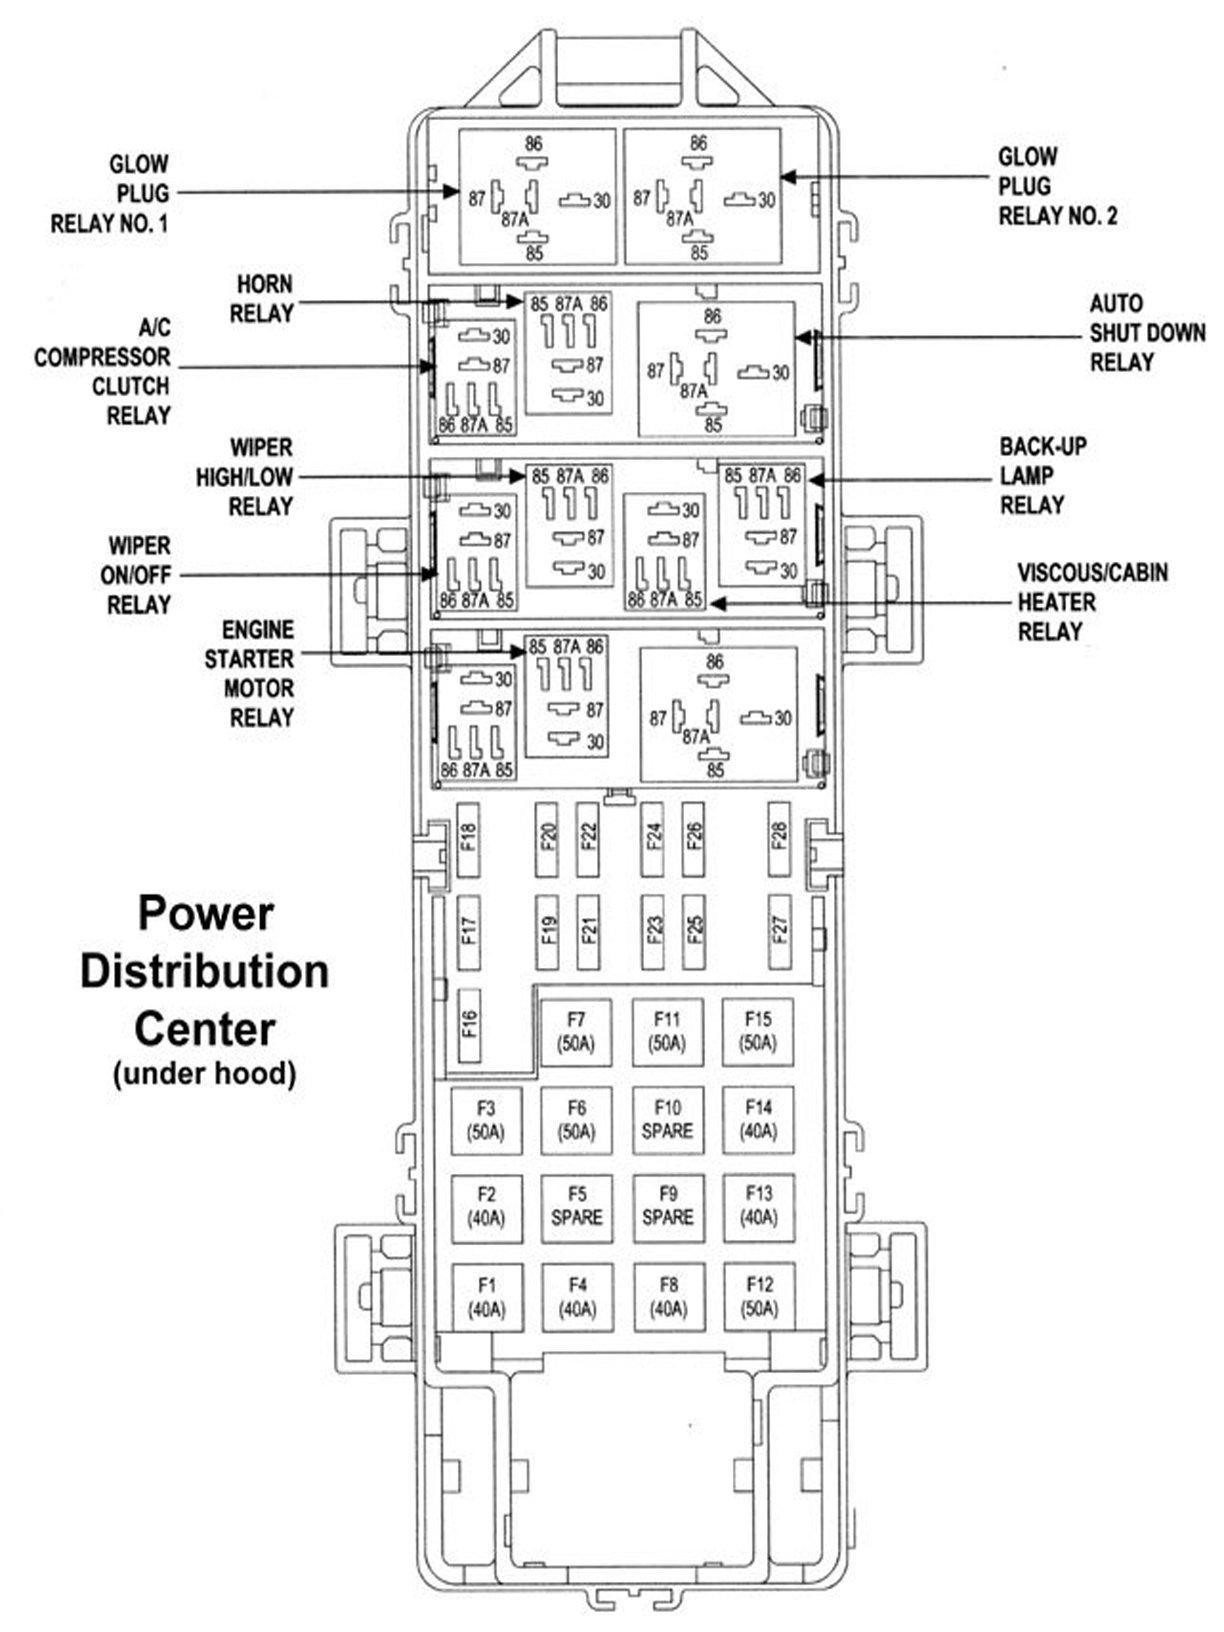 2015 Jeep Patriot Fuse Box Diagram : 2008 Jeep Patriot